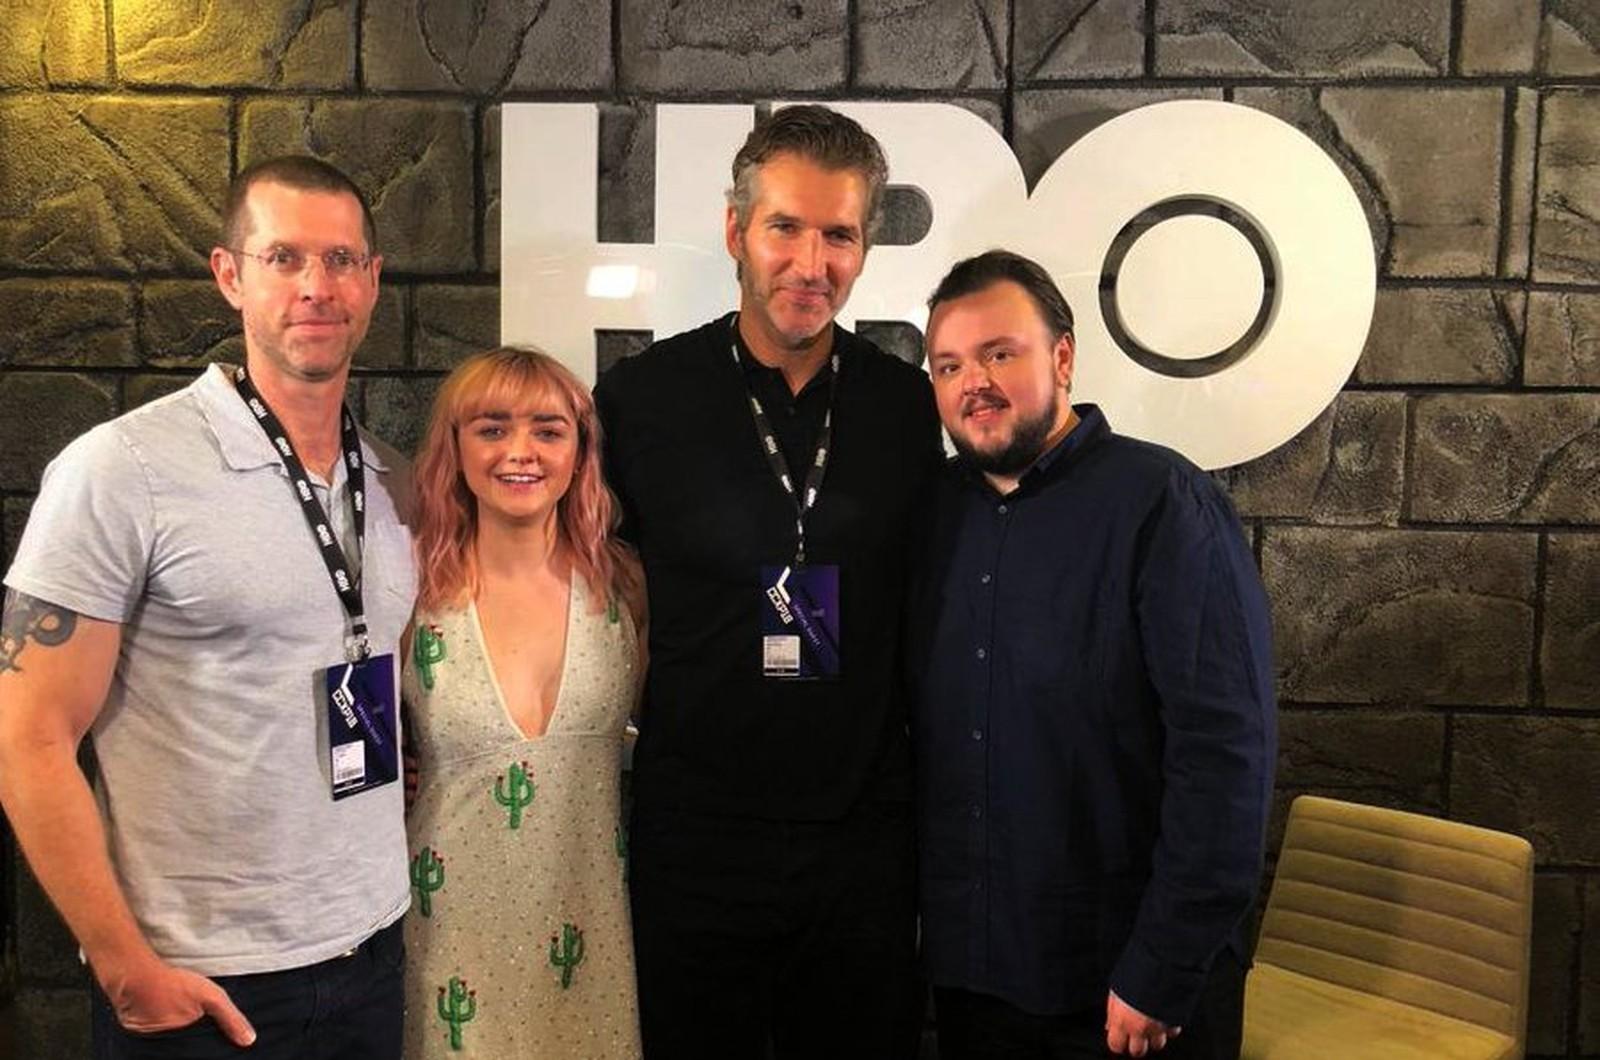 D. B. Weiss, Maisie Williams, David Benioff e John Bradley na CCXP18 (Foto: Divulgação/HBO)